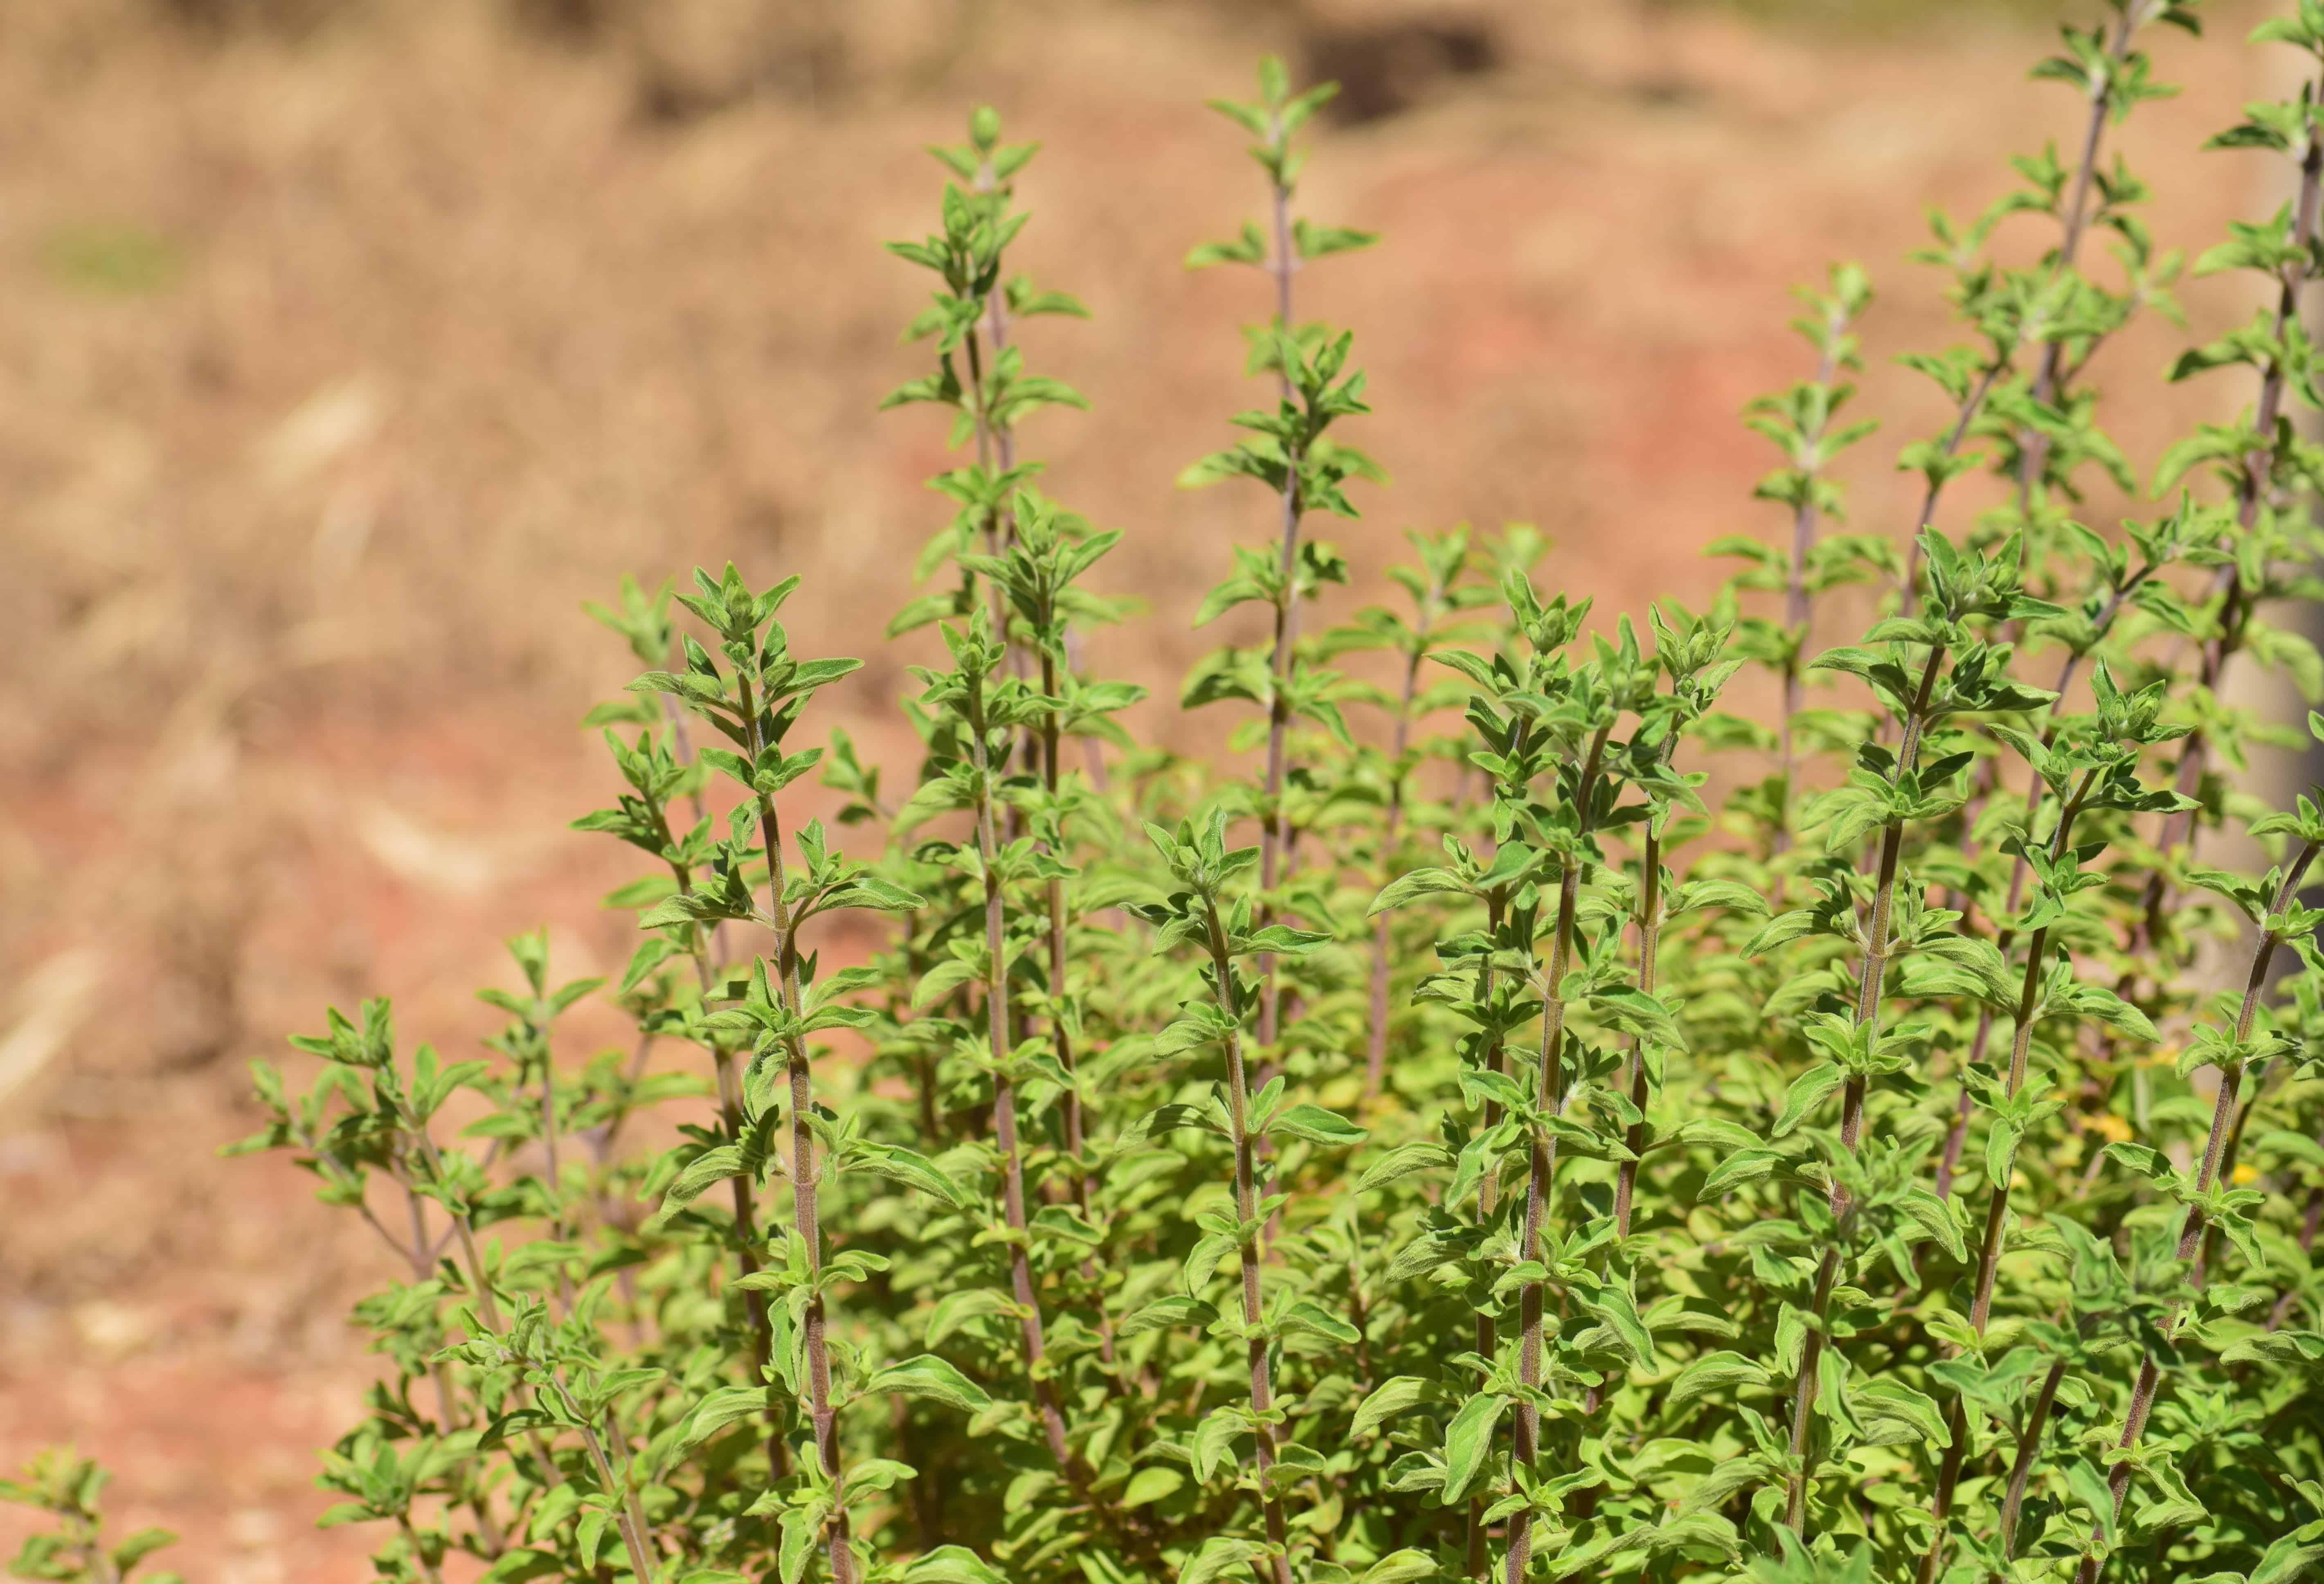 plante gazon best plante gazon with plante gazon re quelle plante pour un beau gazon dans son. Black Bedroom Furniture Sets. Home Design Ideas